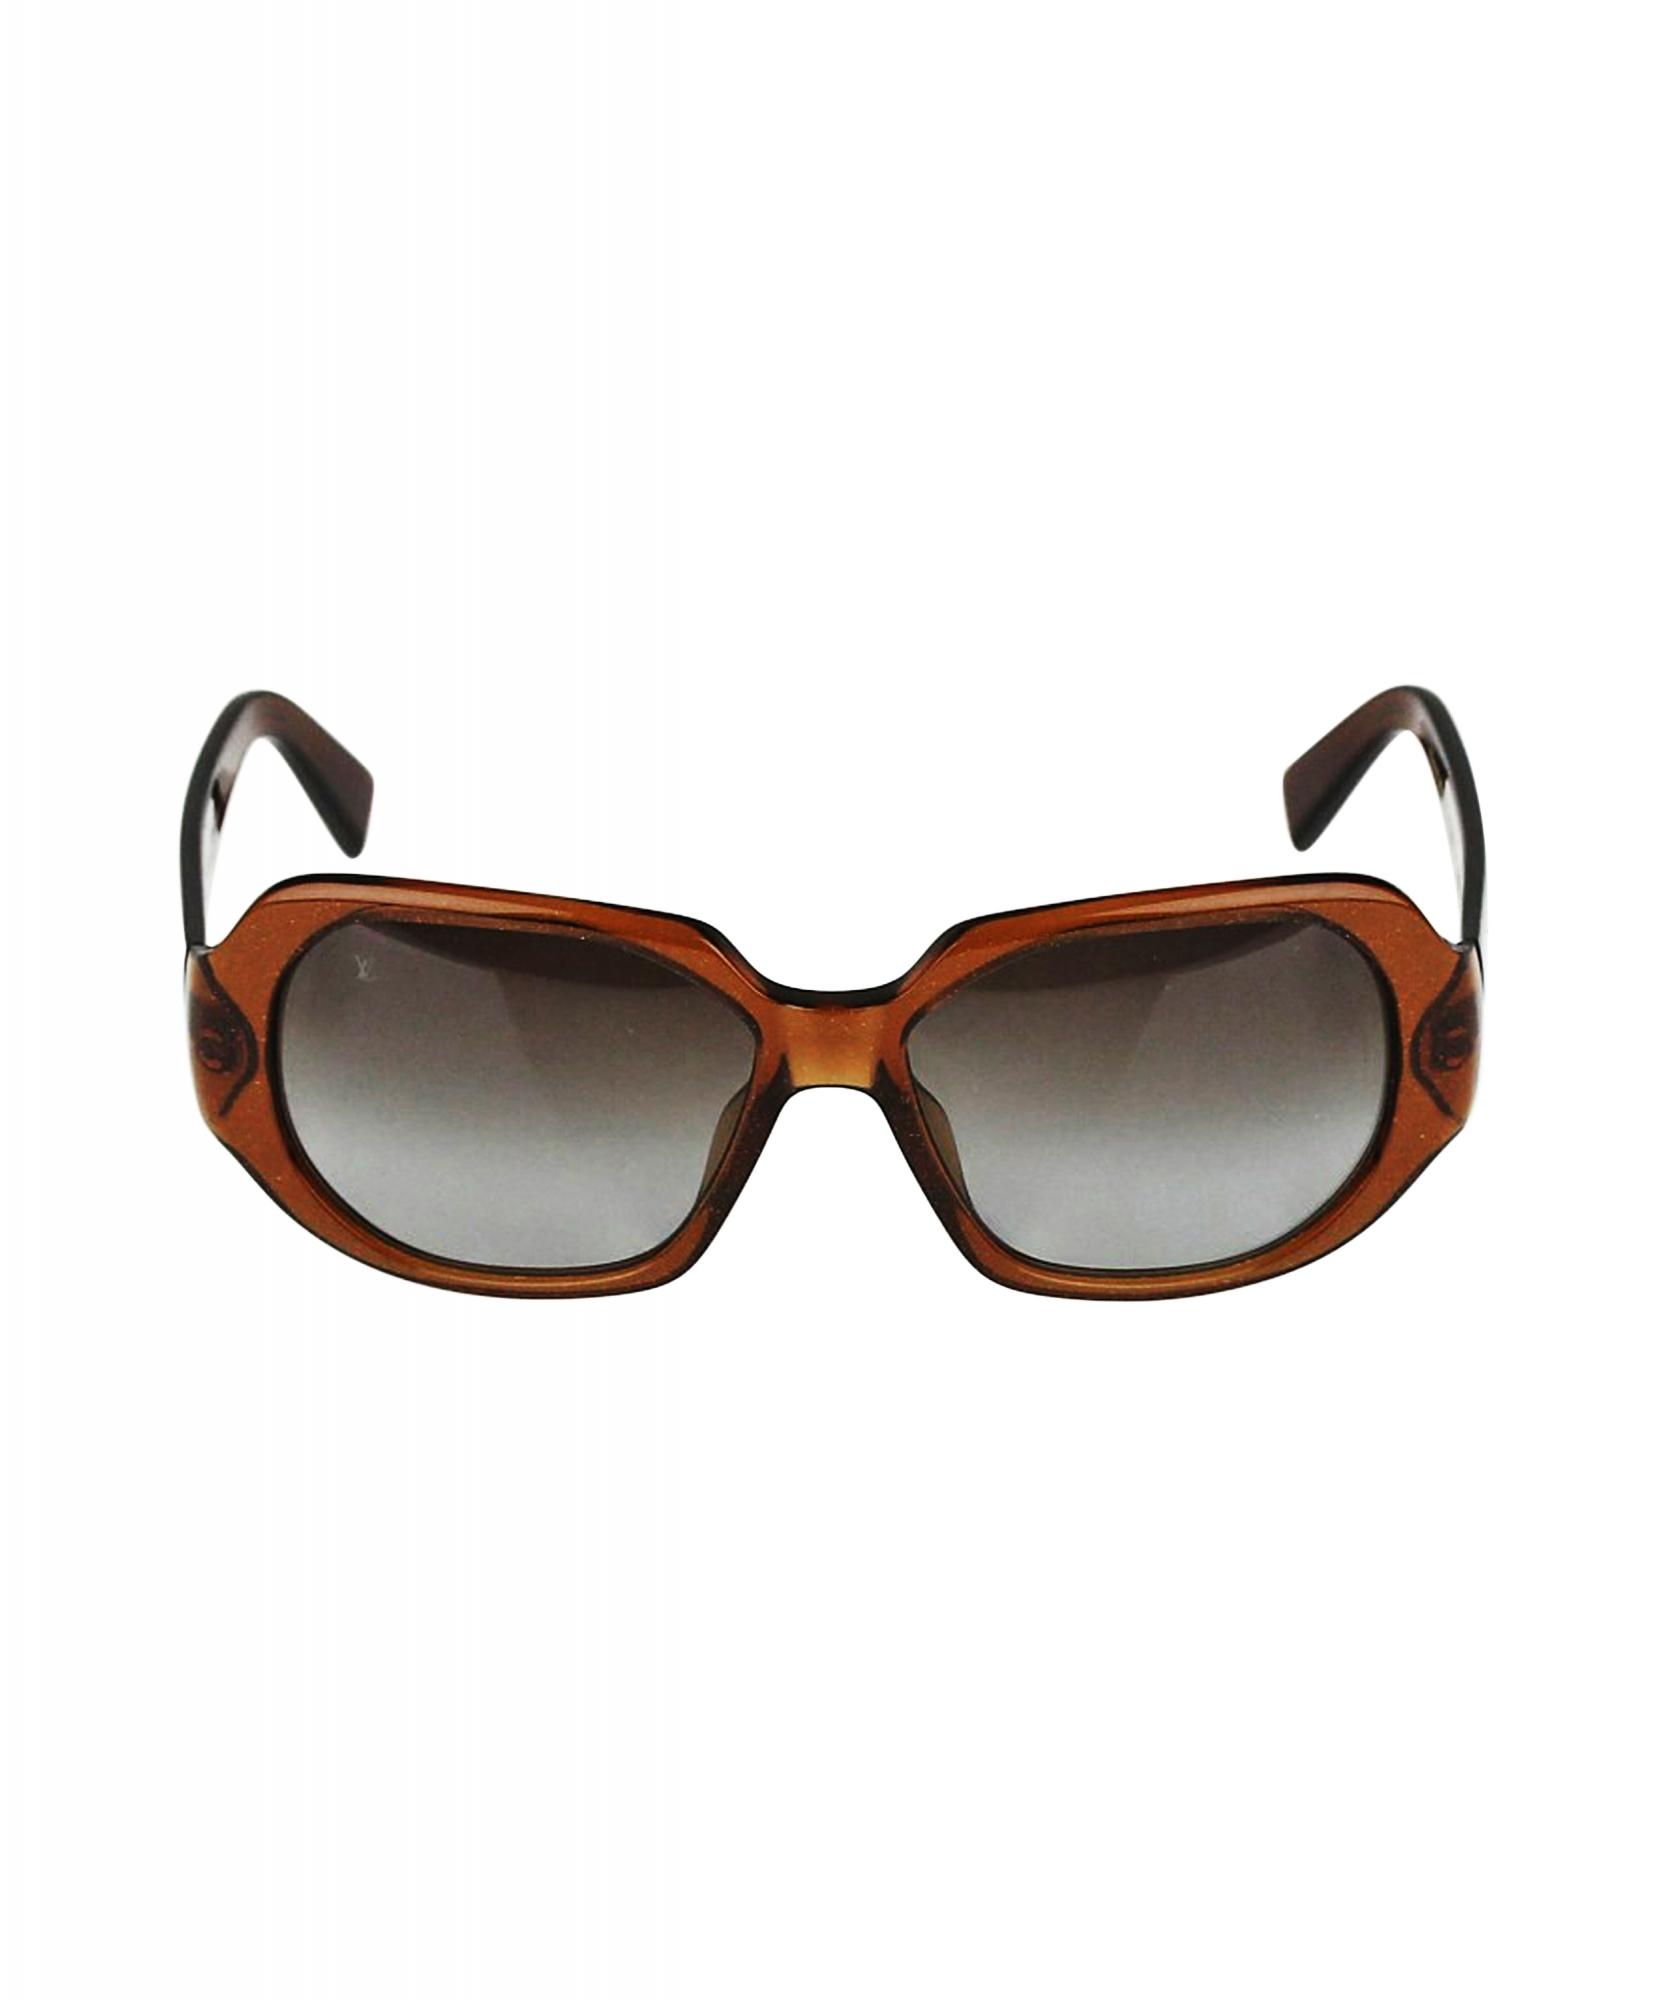 e0fa9a8b3fe20 Louis Vuitton Obsession GM Sunglasses